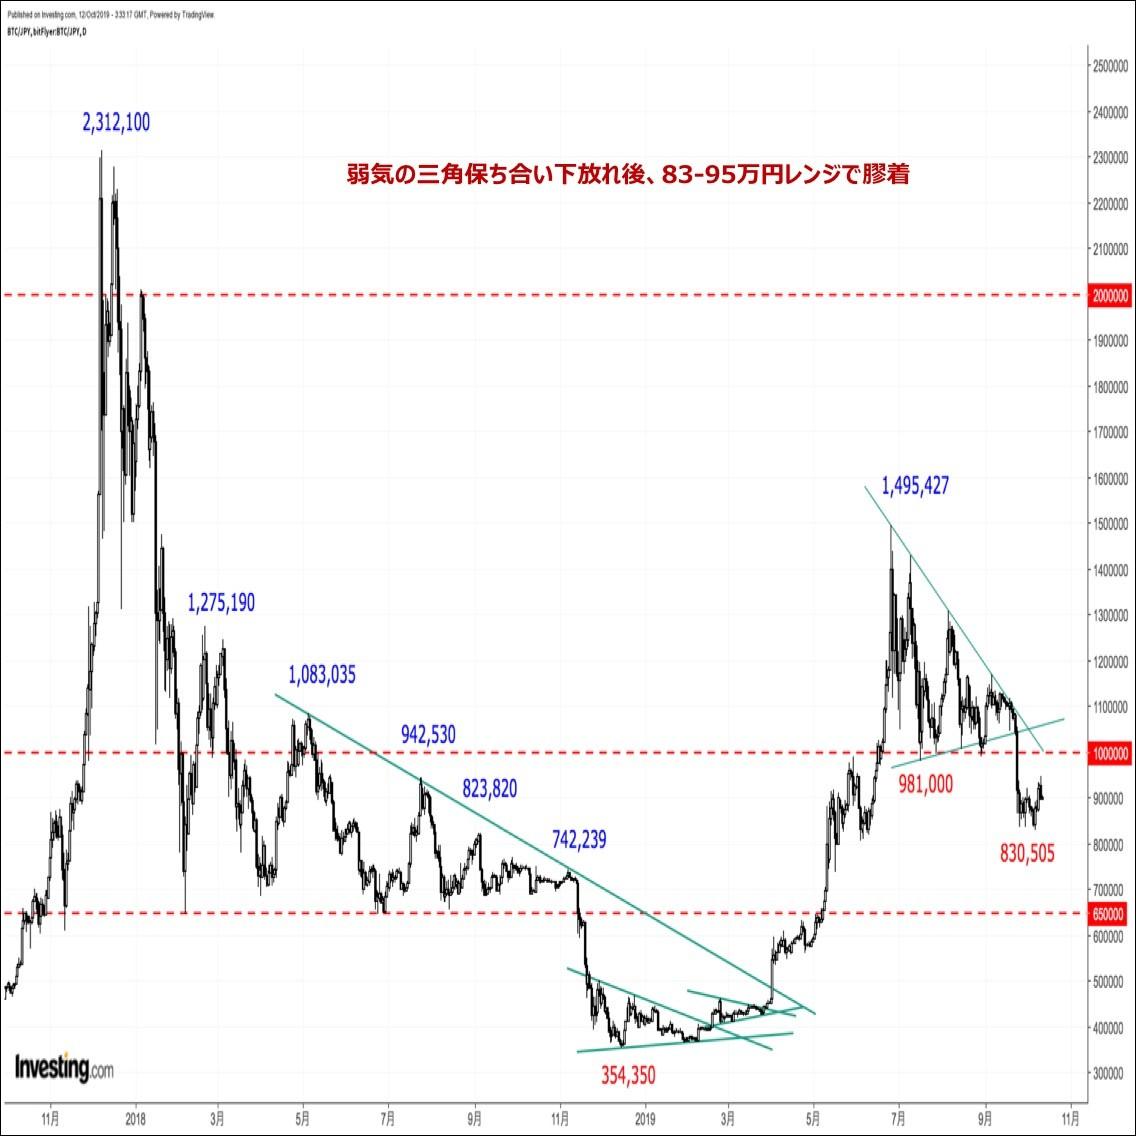 ビットコインの価格分析『ショートカバー主導で反発するも戻りは鈍い。一巡後の反落に警戒』